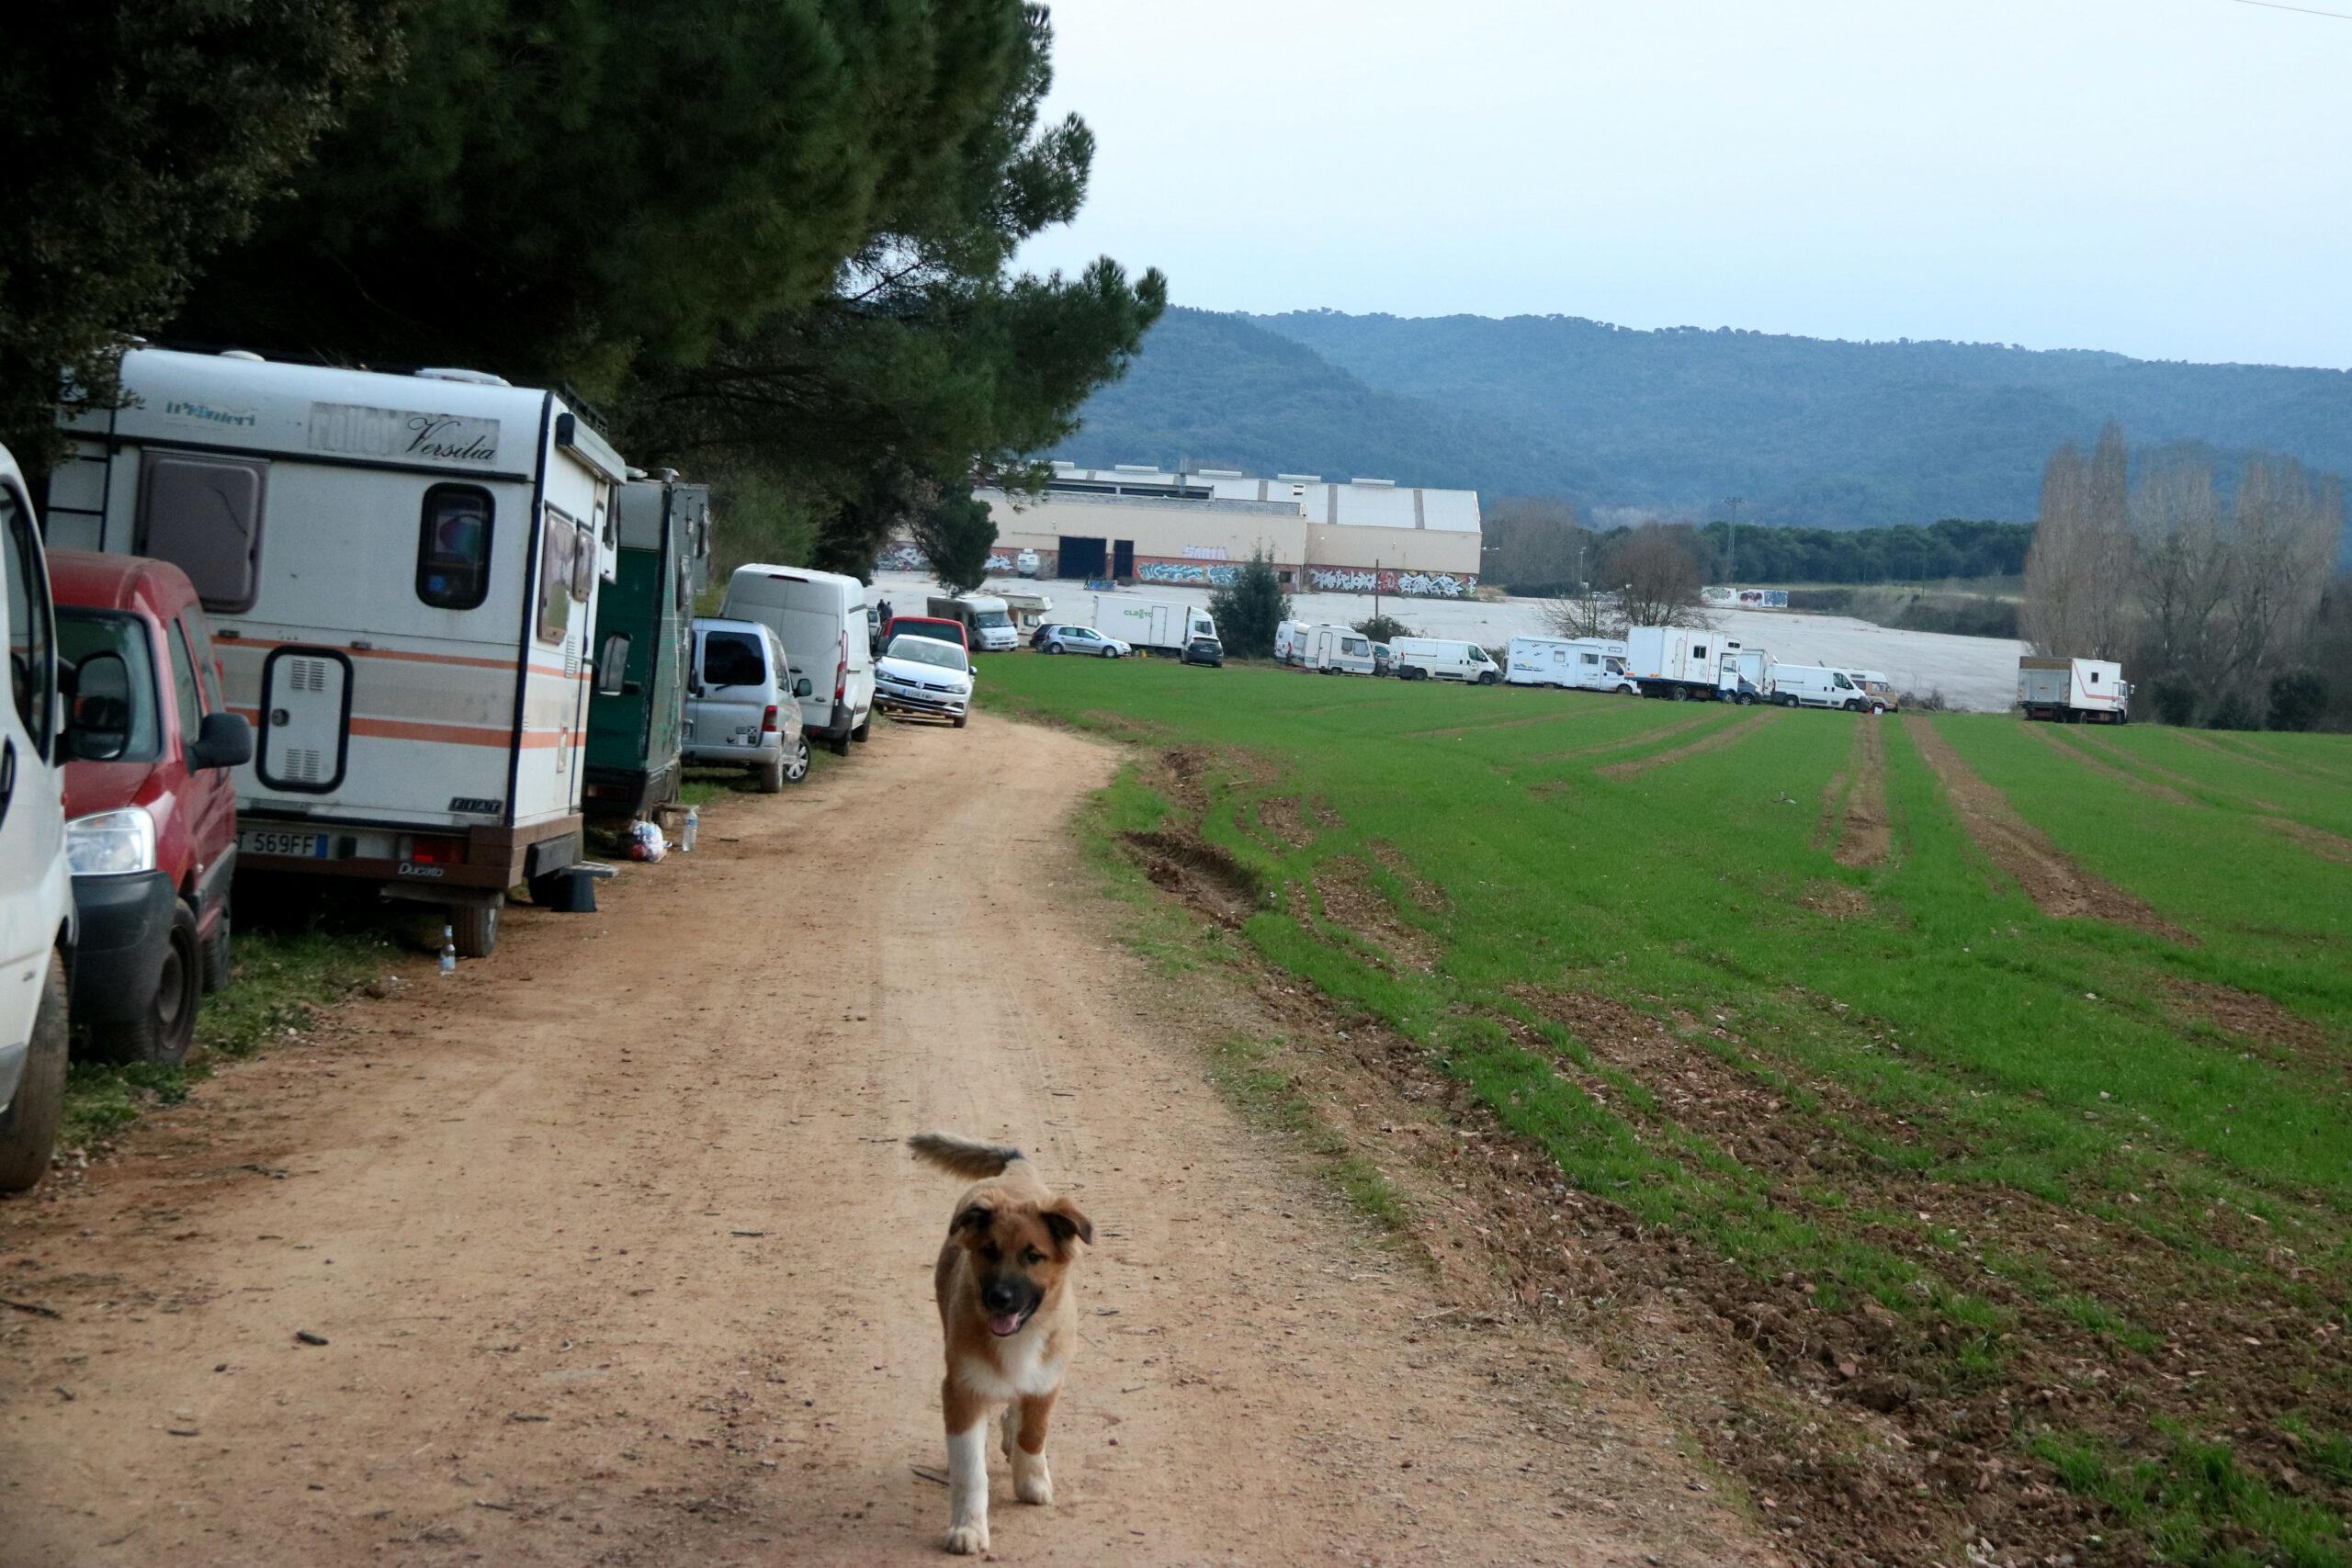 Pla obert de diversos vehicles aparcats a tocar de la 'rave' de Llinars del Vallès. Imatge de l'1 de gener del 2021. (Horitzontal)